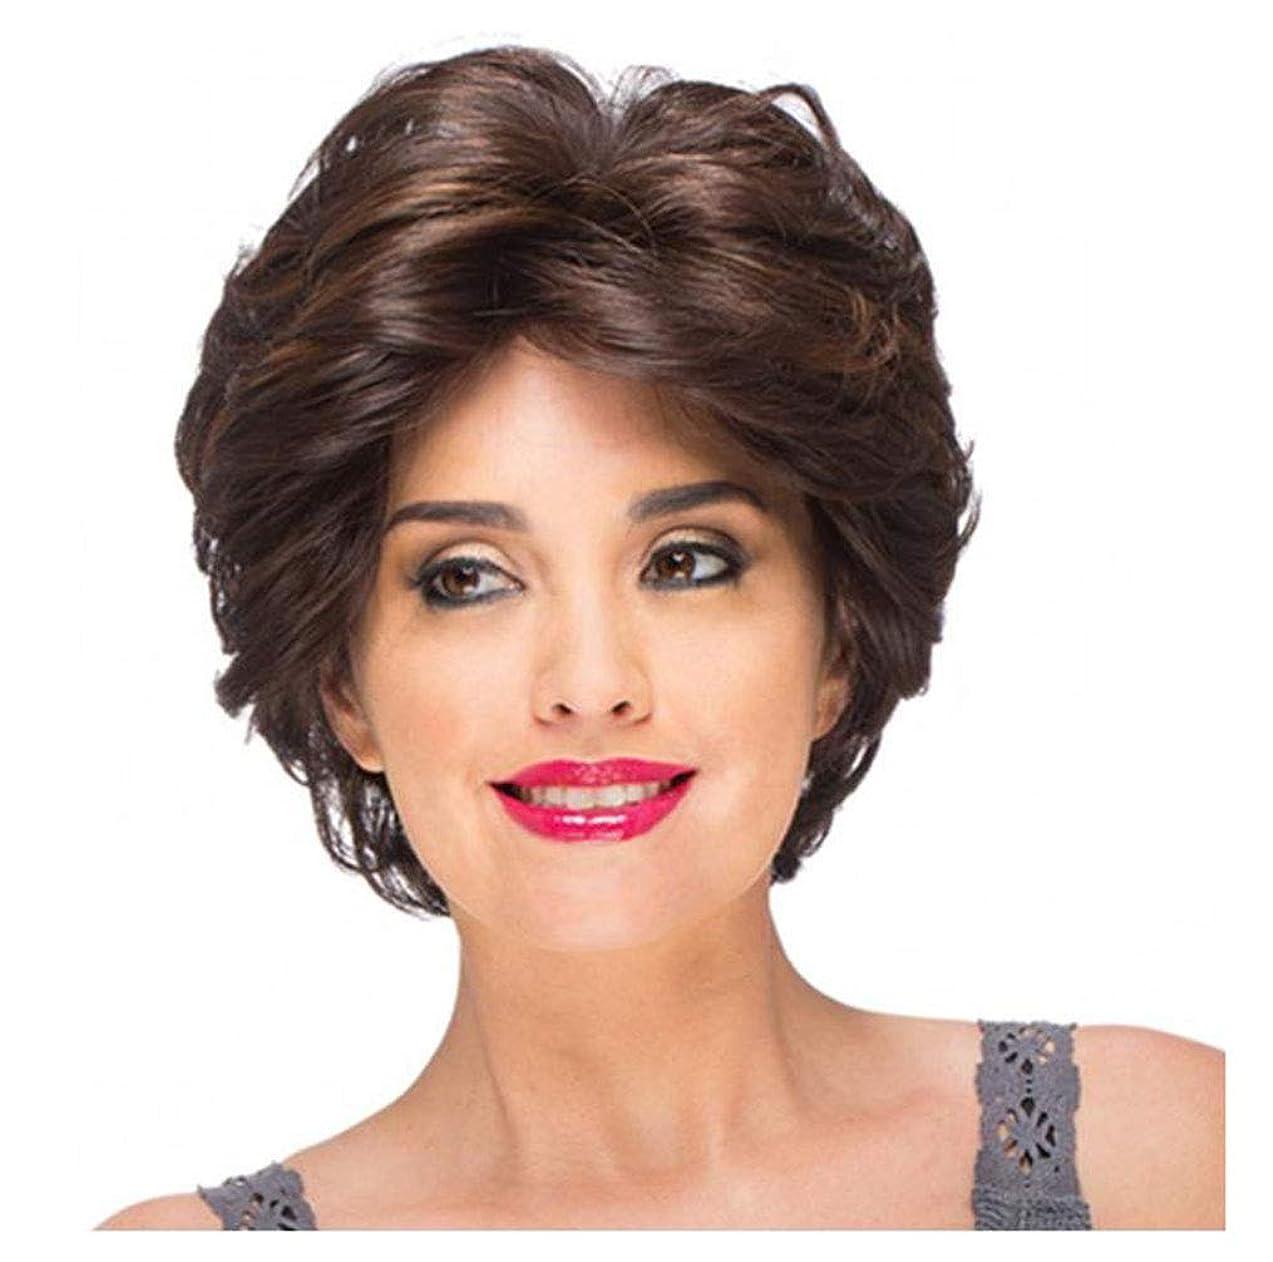 大ピンク防止かつら茶色ショートかつらヘアエクステンションストレート合成ボブ女性のかつら 130% 毎日の使用のための高密度のパーティーハロウィン